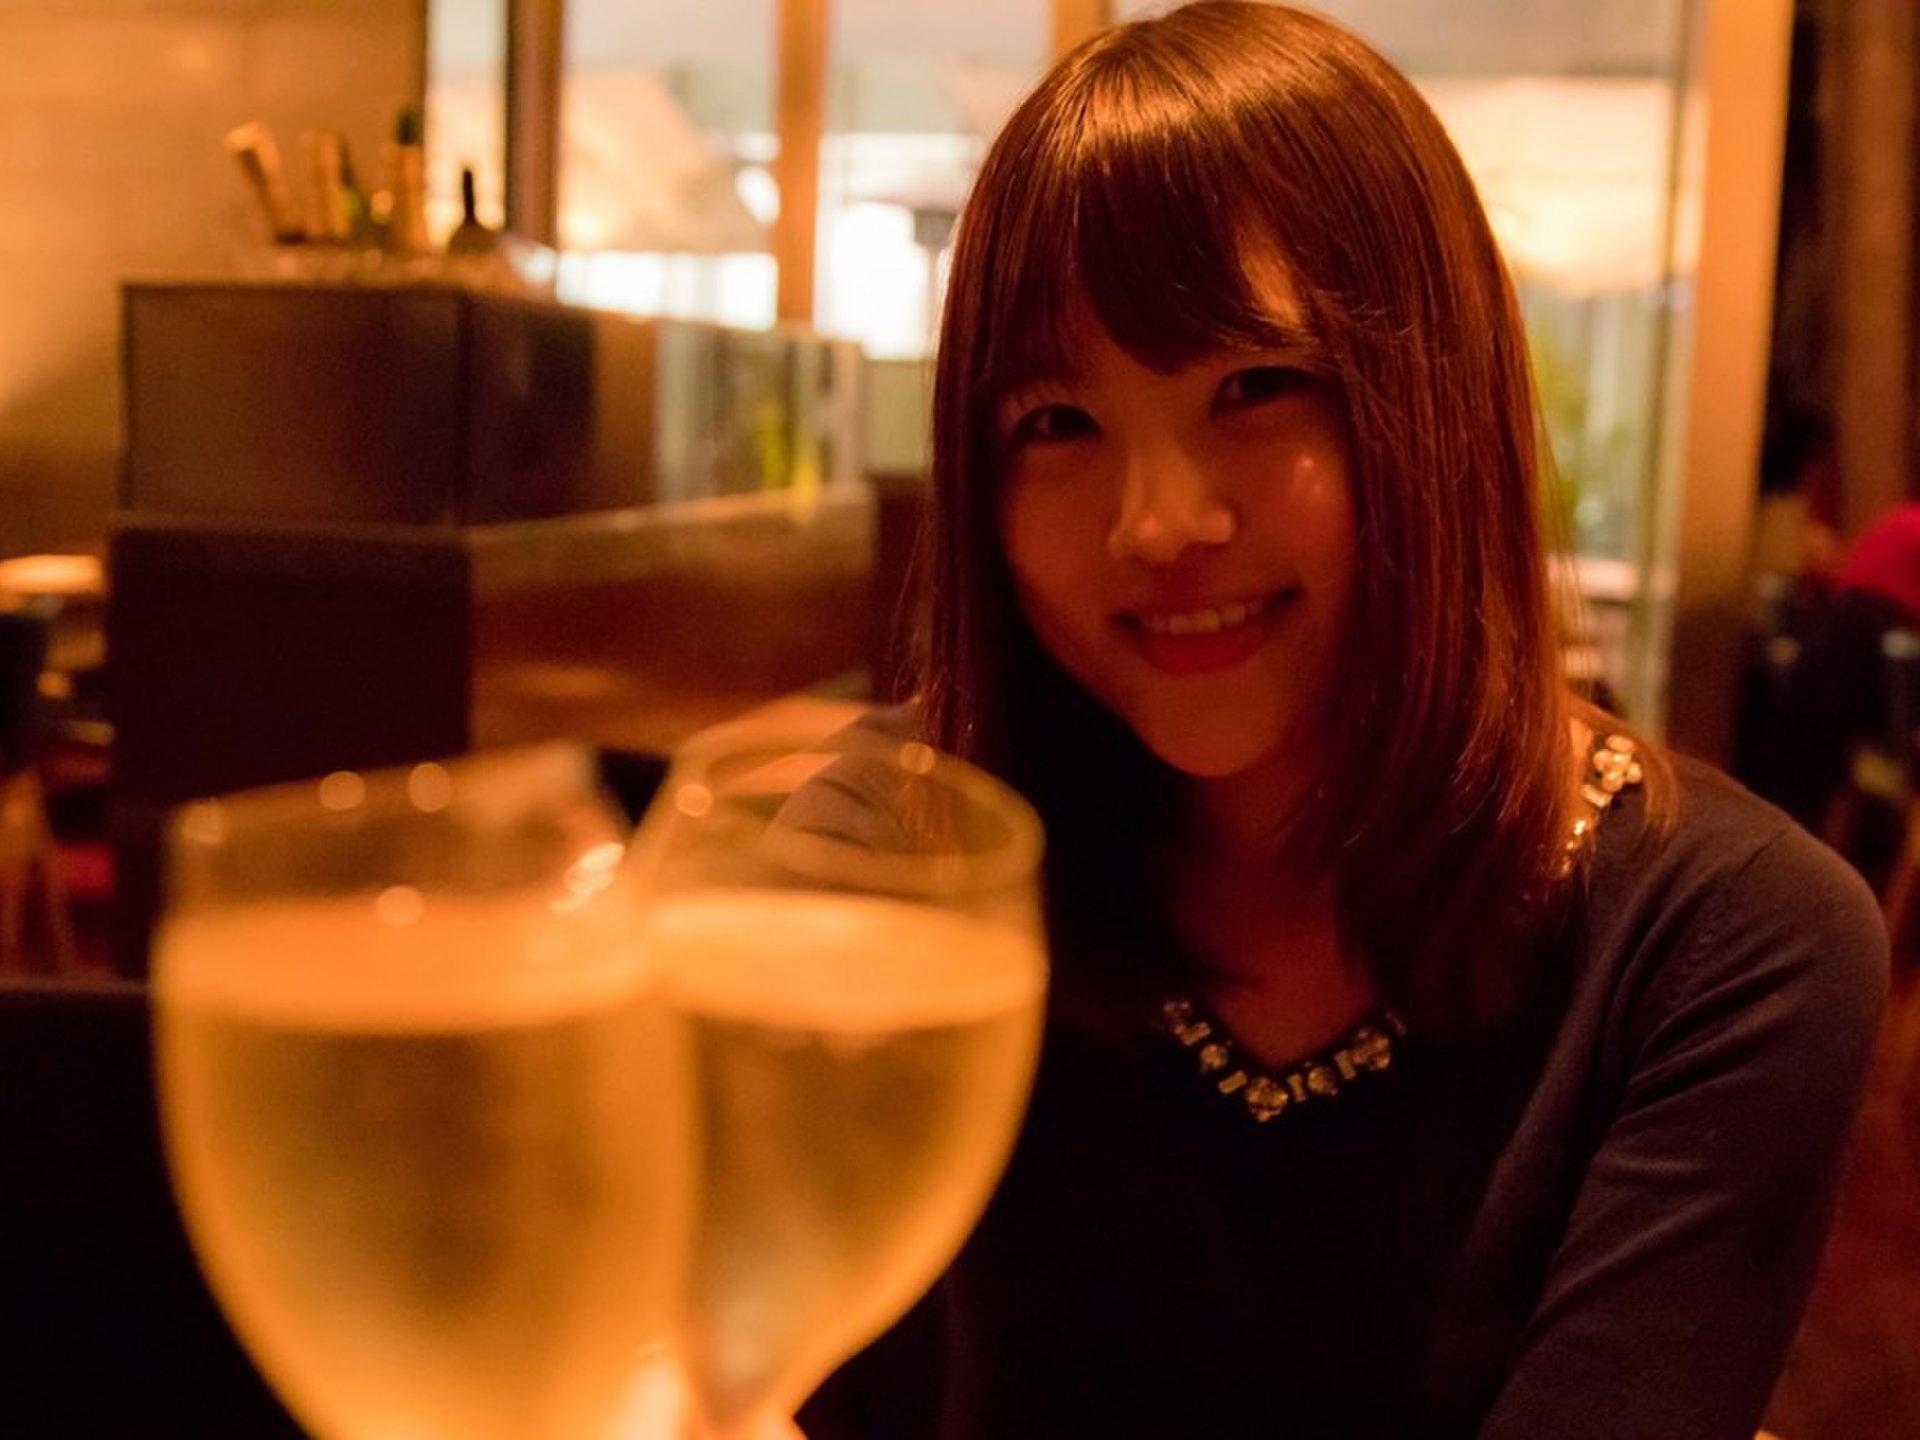 【渋谷でコスパ抜群の安いお店7選】ディナーで迷った時におすすめ!